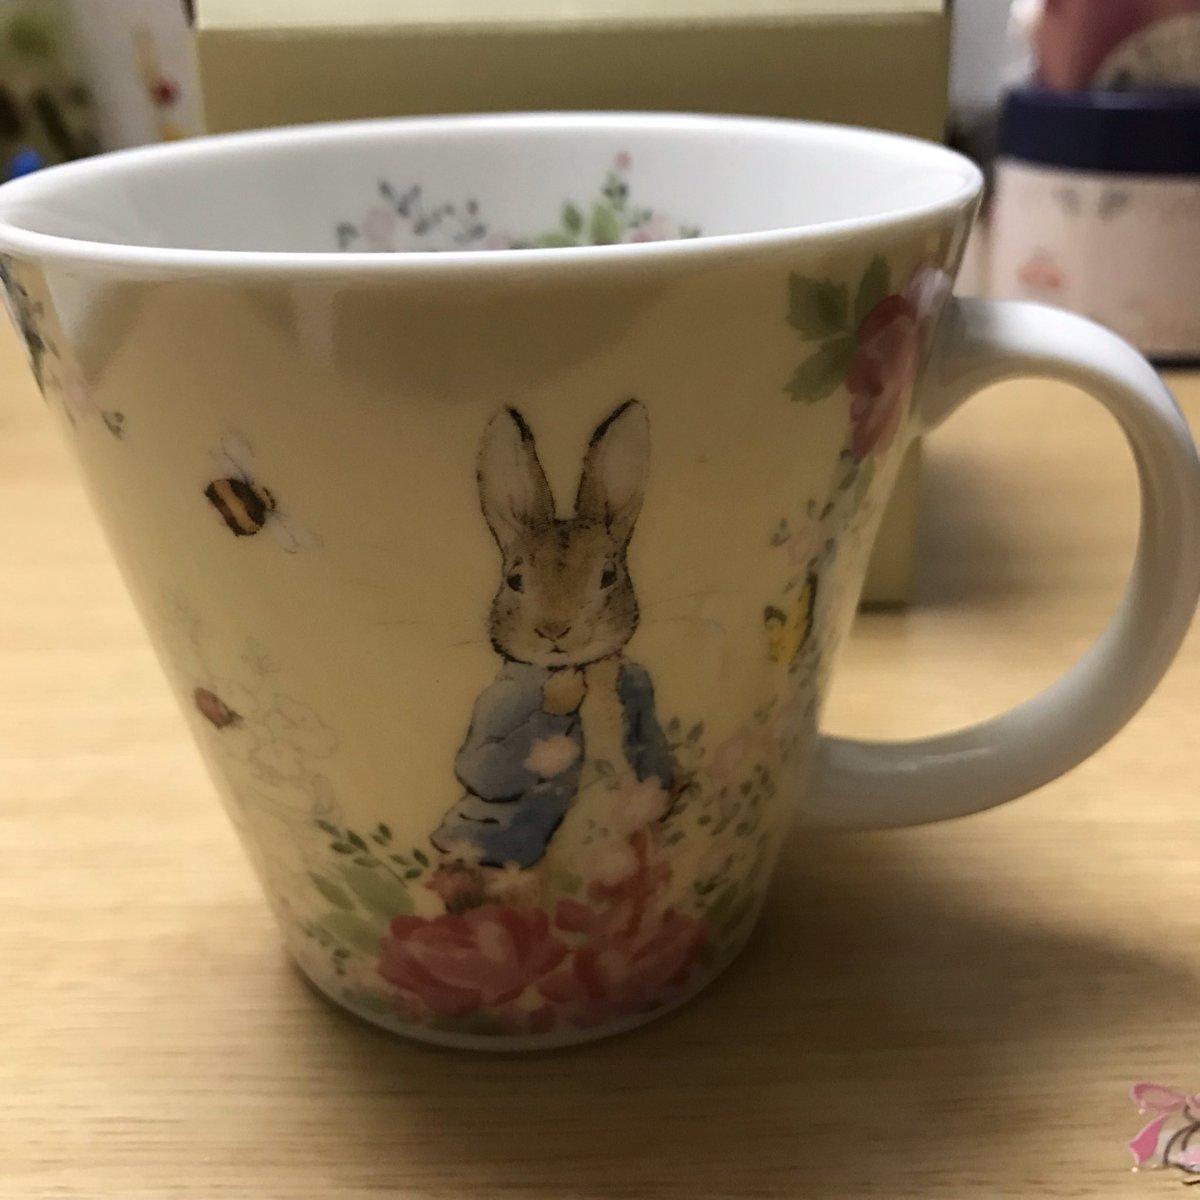 test ツイッターメディア - I got this cup at DAISO. シール集めて324円でついにゲット! #ダイソー #ピーターラビット https://t.co/p31XkLKnGd